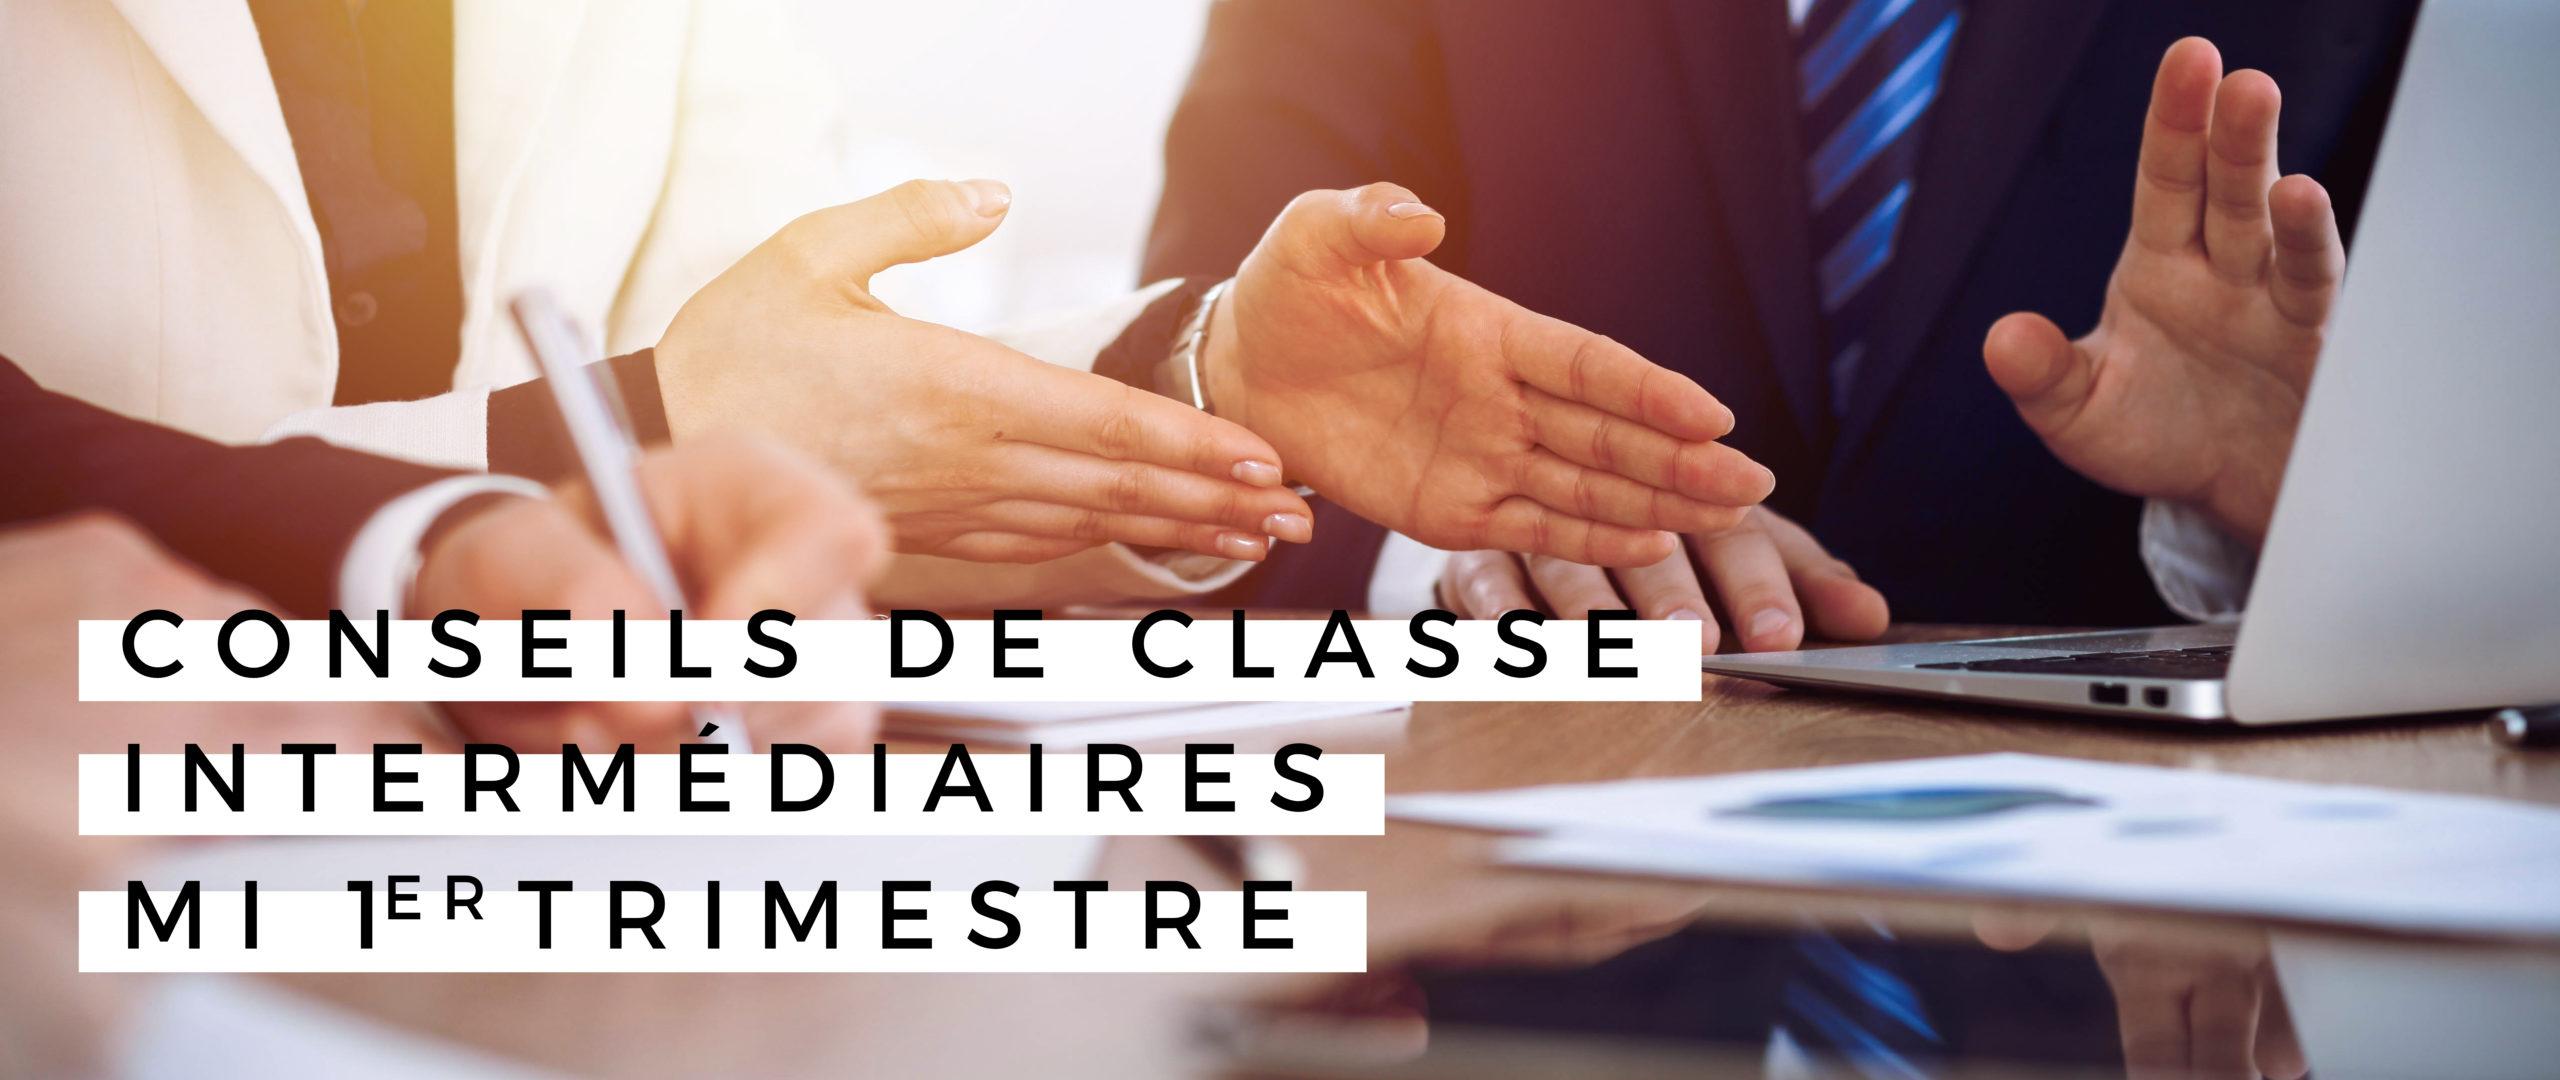 CONSEILS DE CLASSES INTERMÉDIAIRES